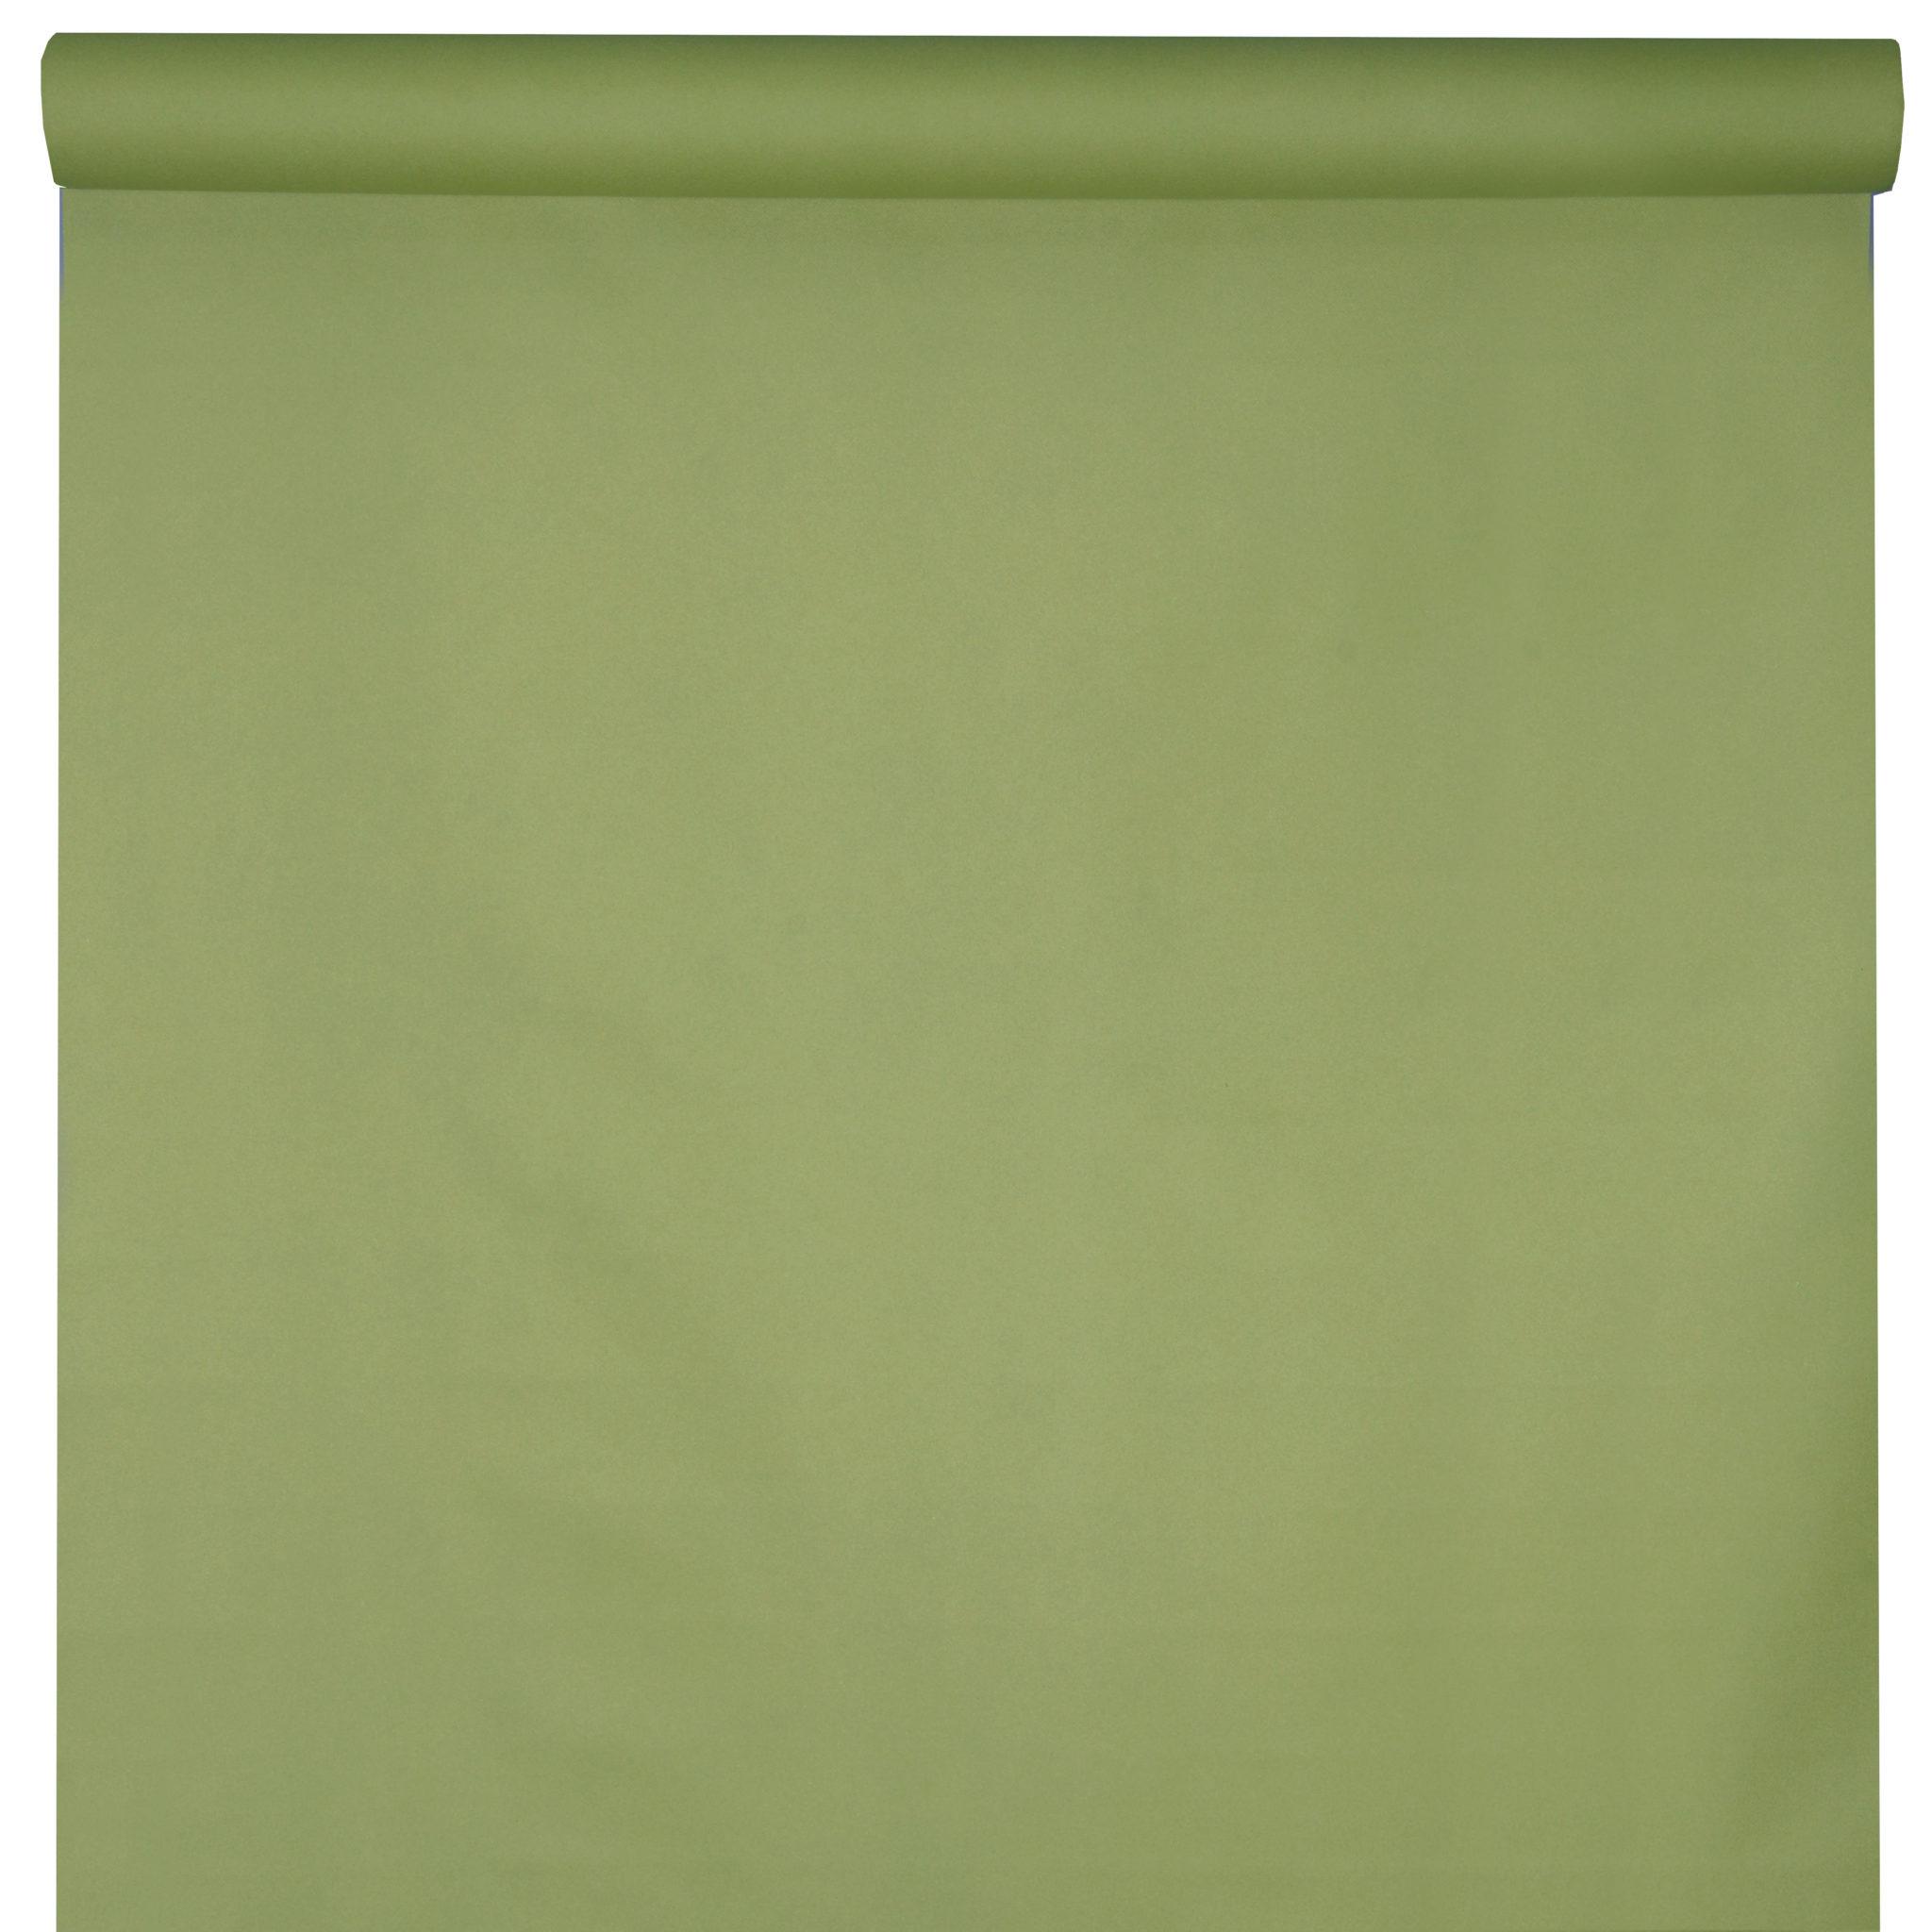 Festivitré 6805 103 Olive